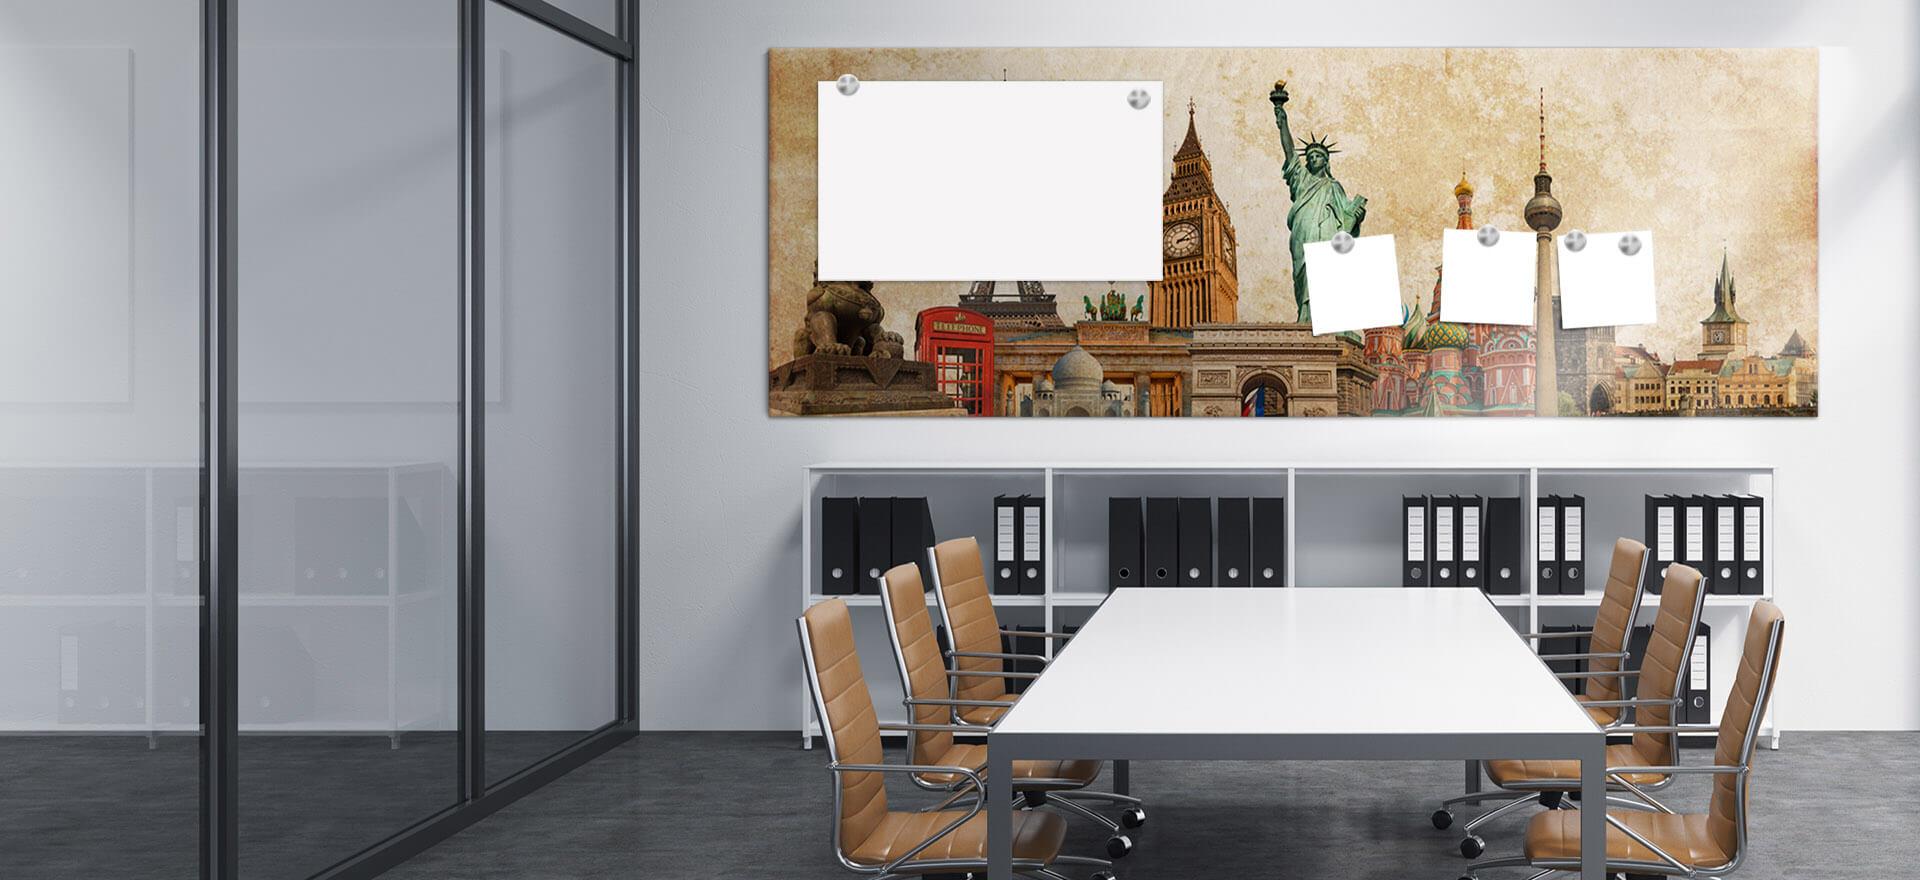 Full Size of Glasbilder Küche 20 X 60 Glasbild Küche Apfel Glasbilder Küche Hochformat Glasbild Küche 150 Cm Küche Glasbilder Küche